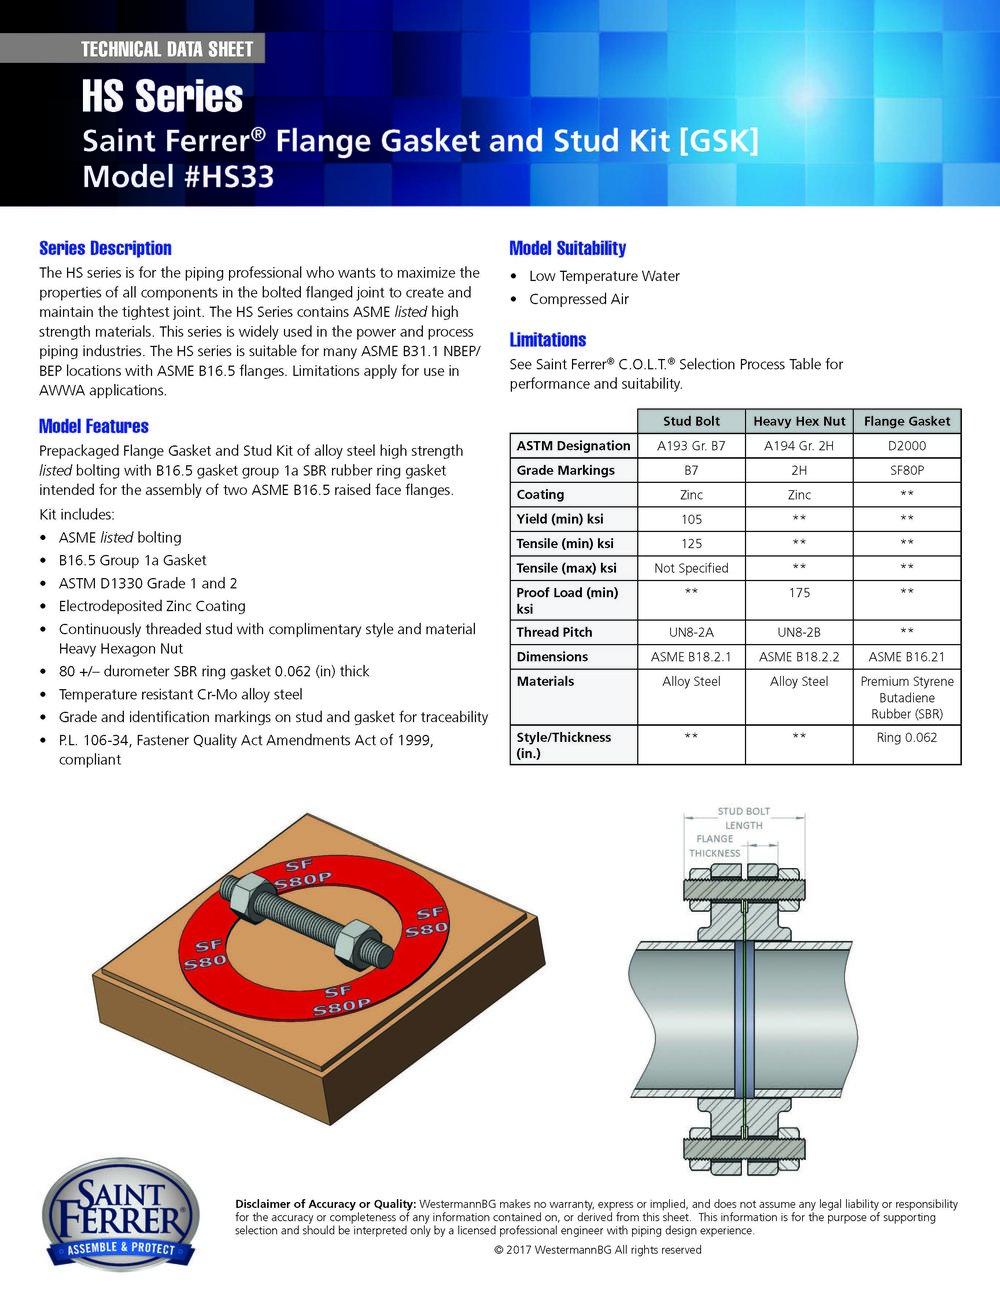 SF_Data_Sheet_HS_Series_HS33.jpg